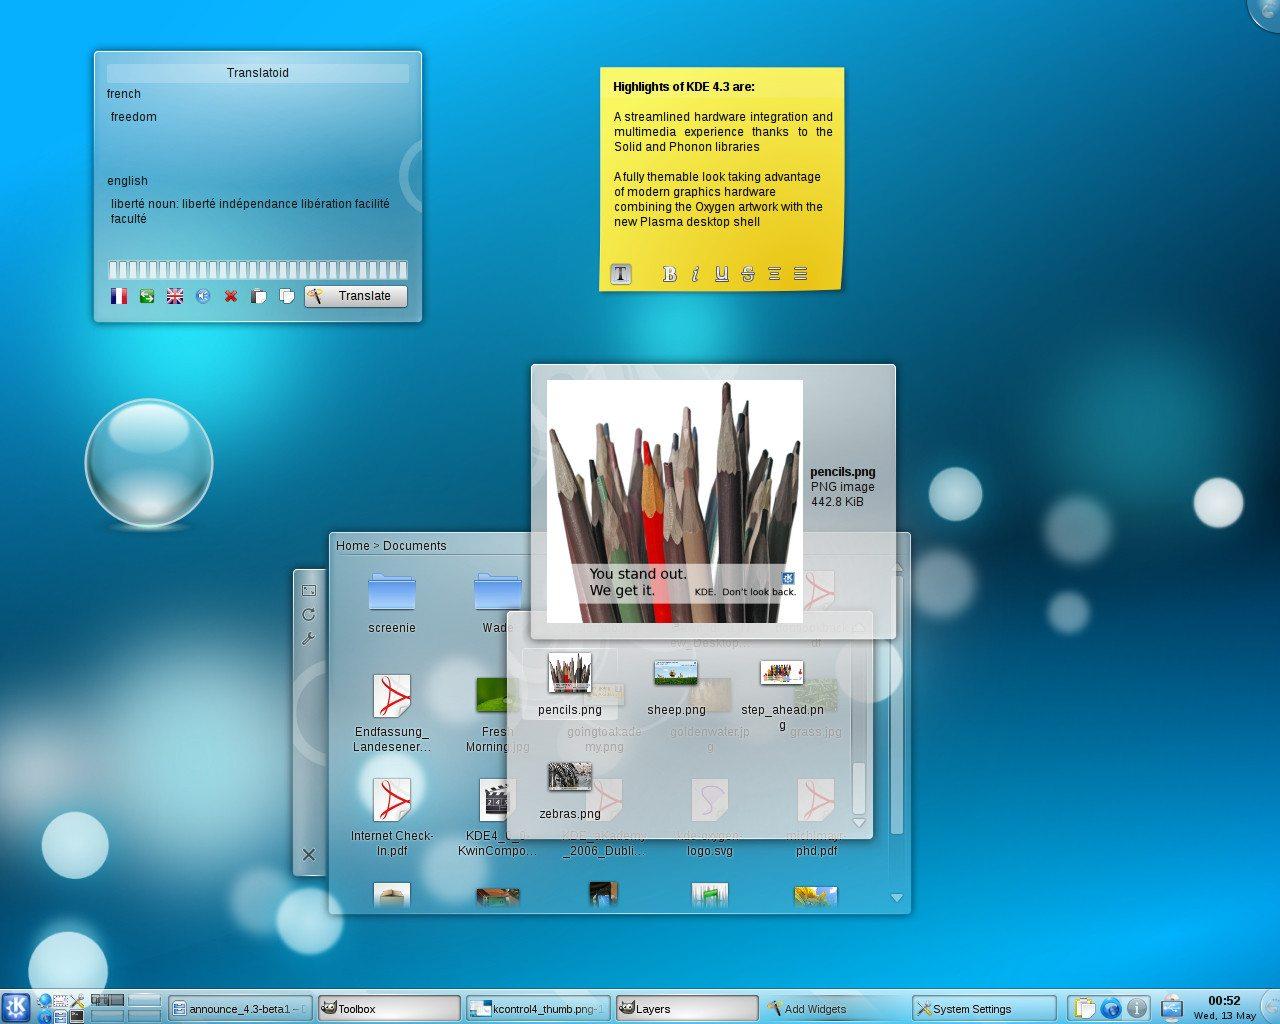 KDE 4.3 RC 1